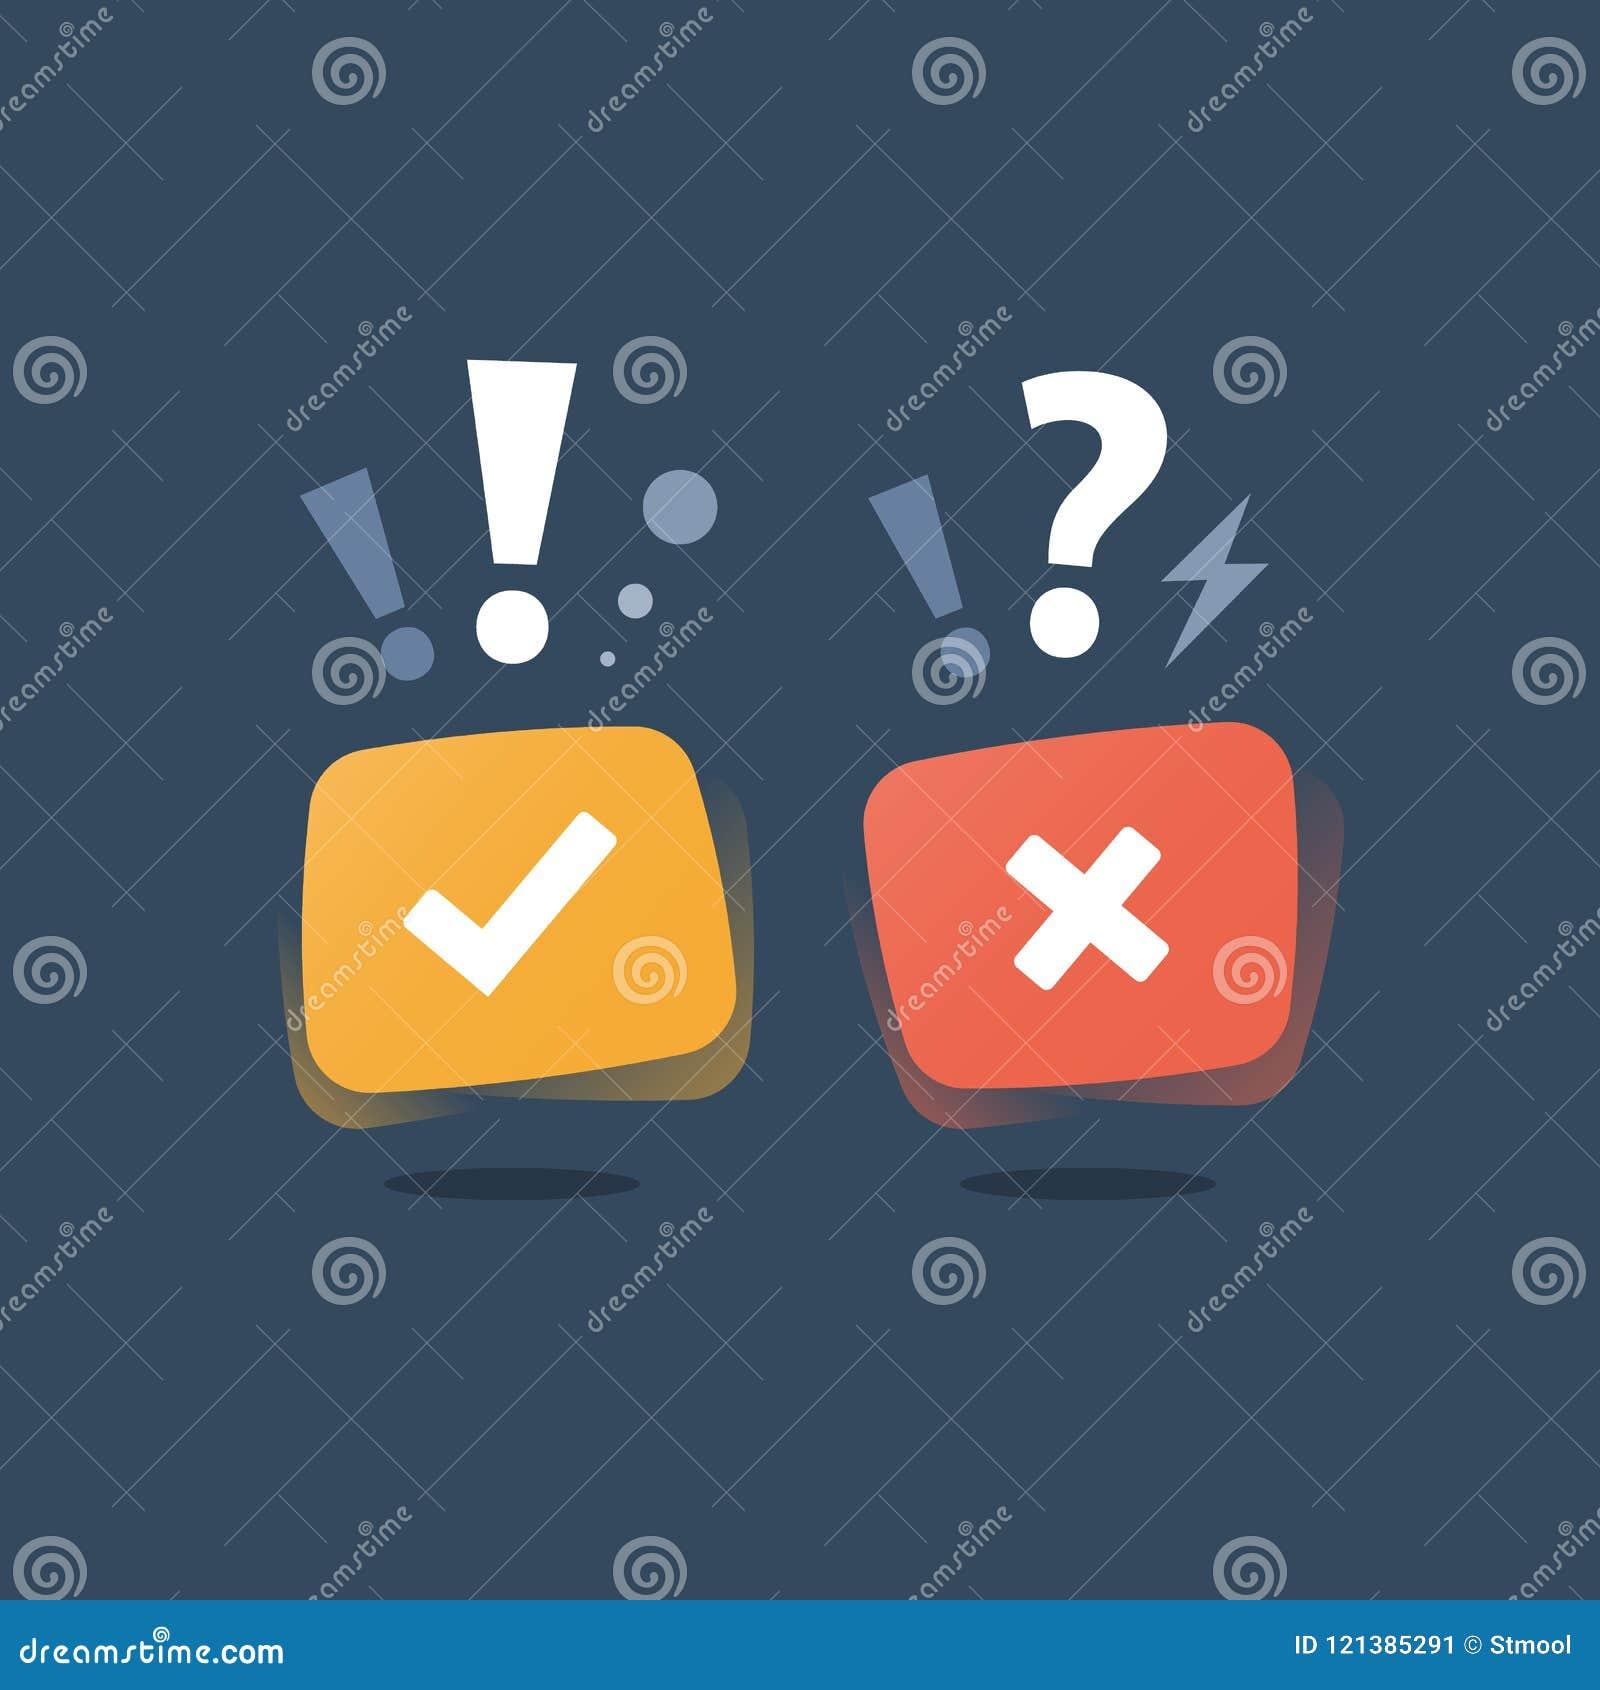 Στην έρευνα, δικαίωμα και η λανθασμένη απάντηση, η καλή και κακή εμπειρία, πελάτης ανατροφοδοτούν, αξιολόγηση των υπηρεσιών, έννο